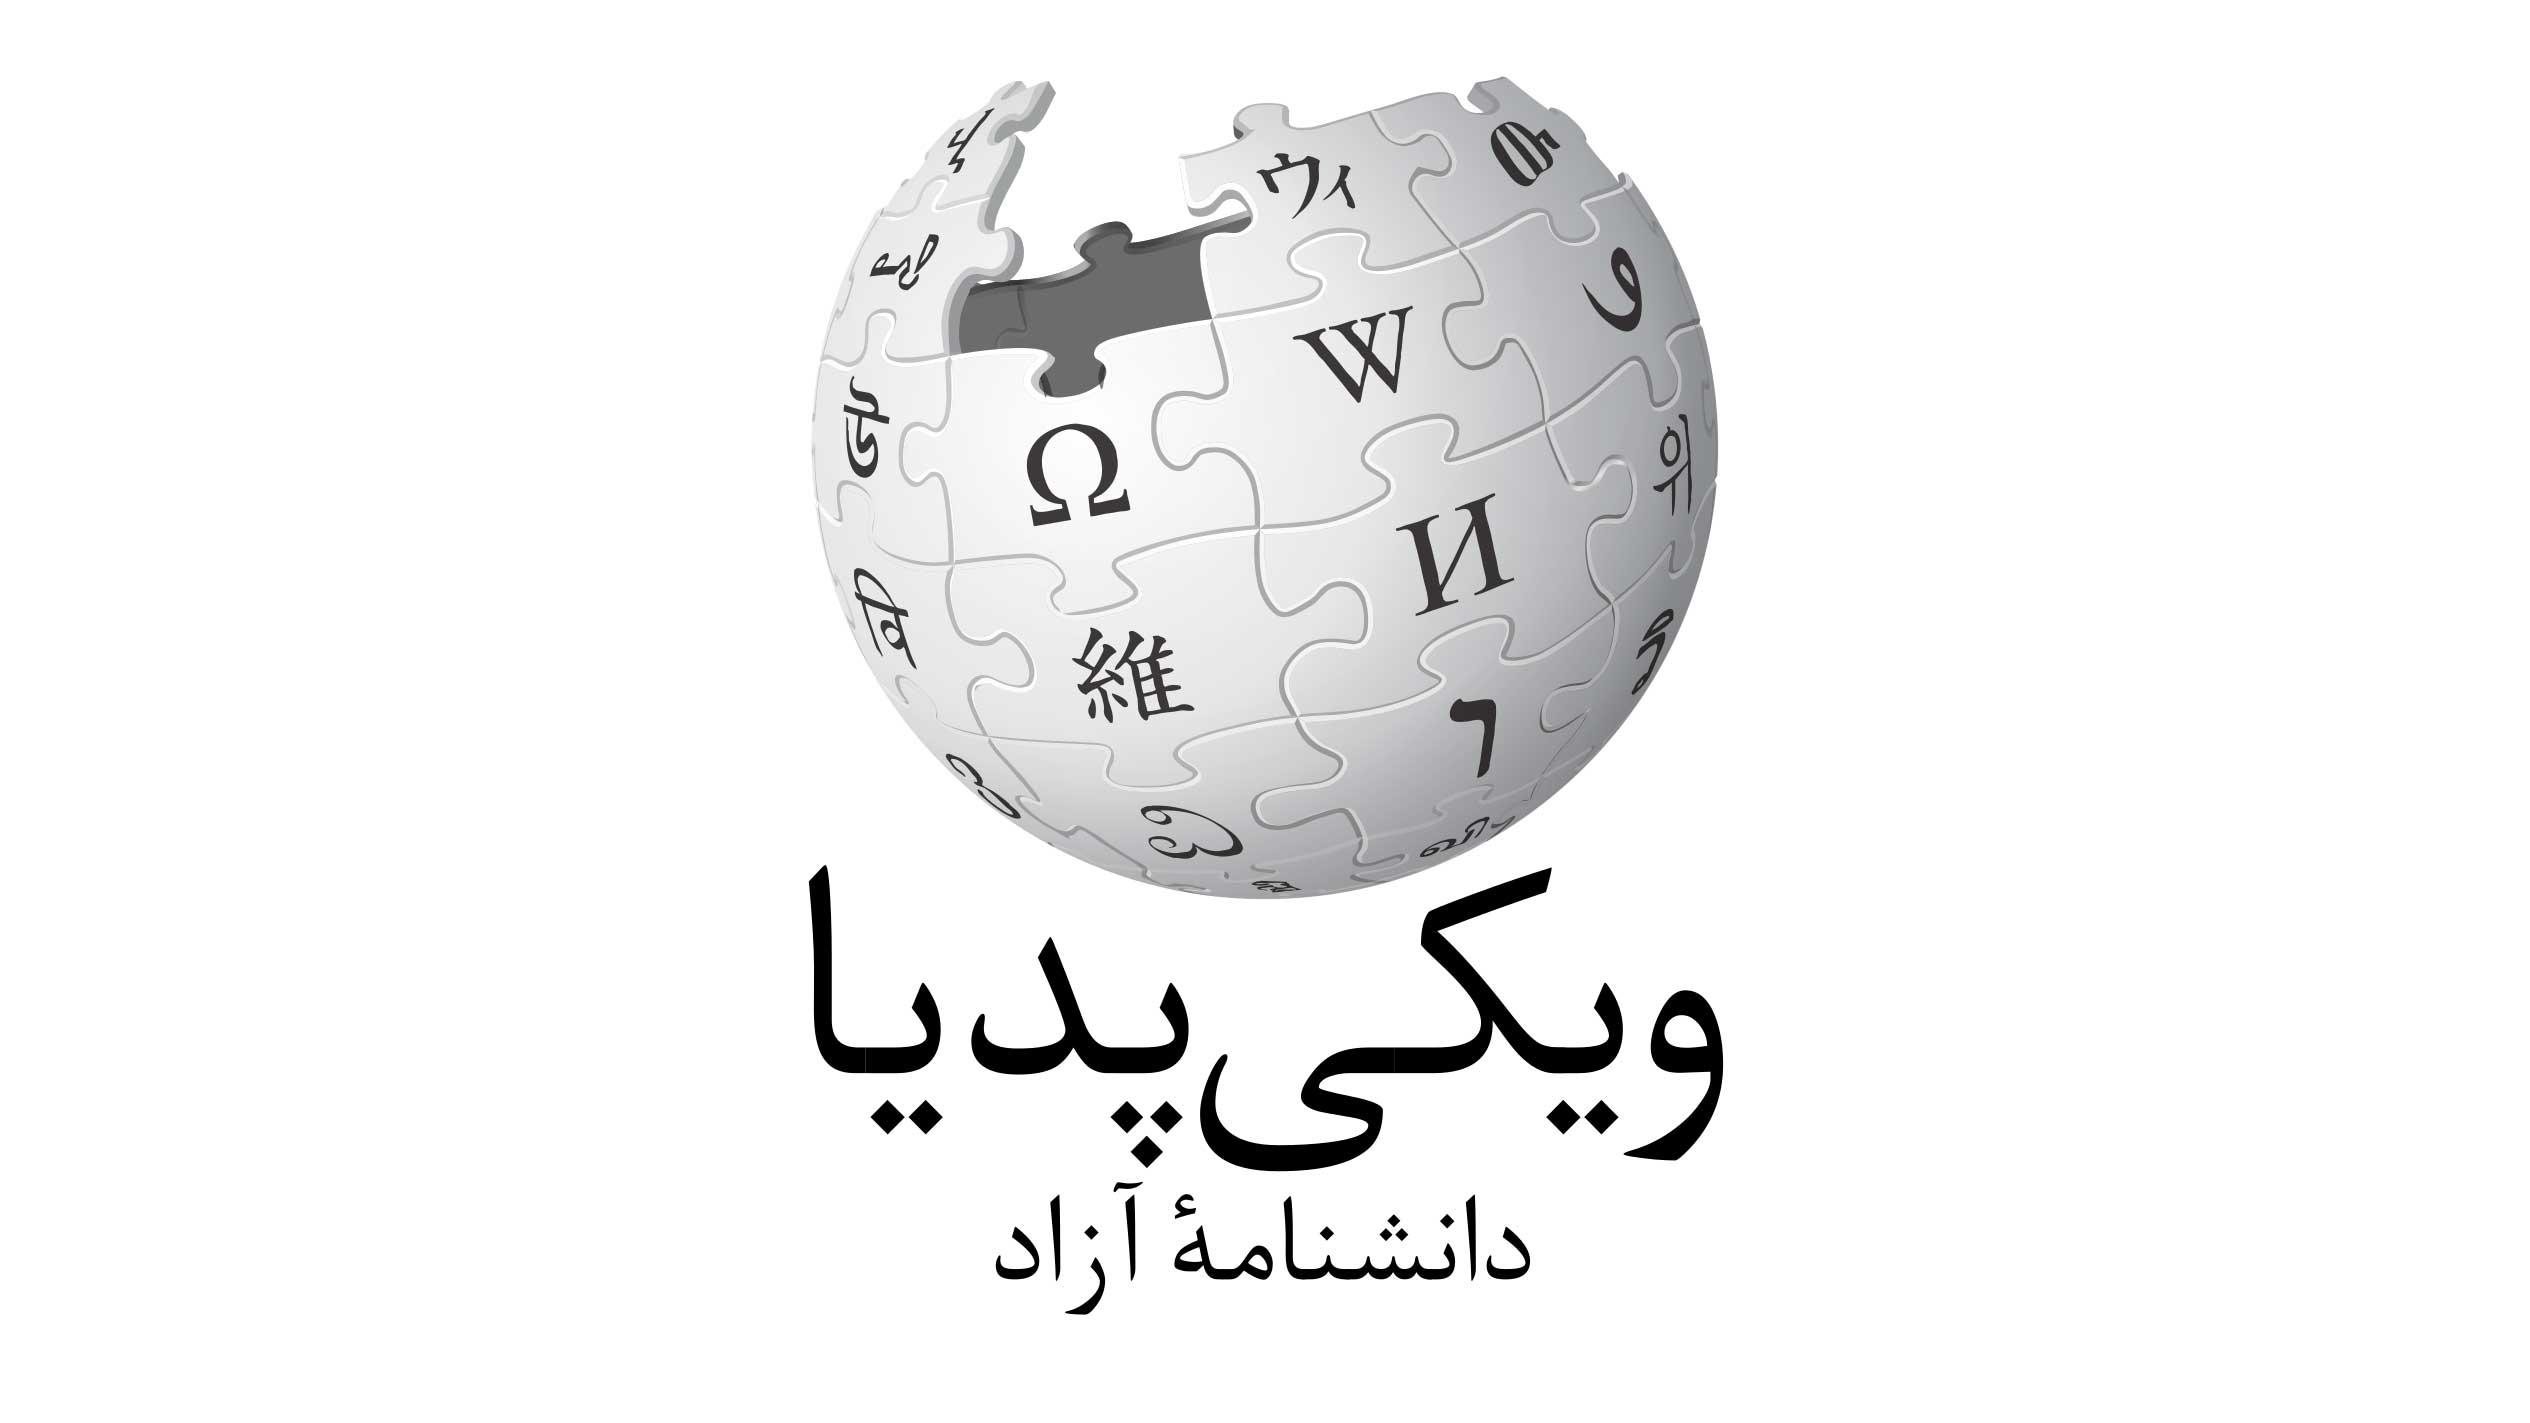 نت بلاکس گزارش فیلترشدن وب سایت ویکی پدیا فارسی در ایران را منتشر کرد